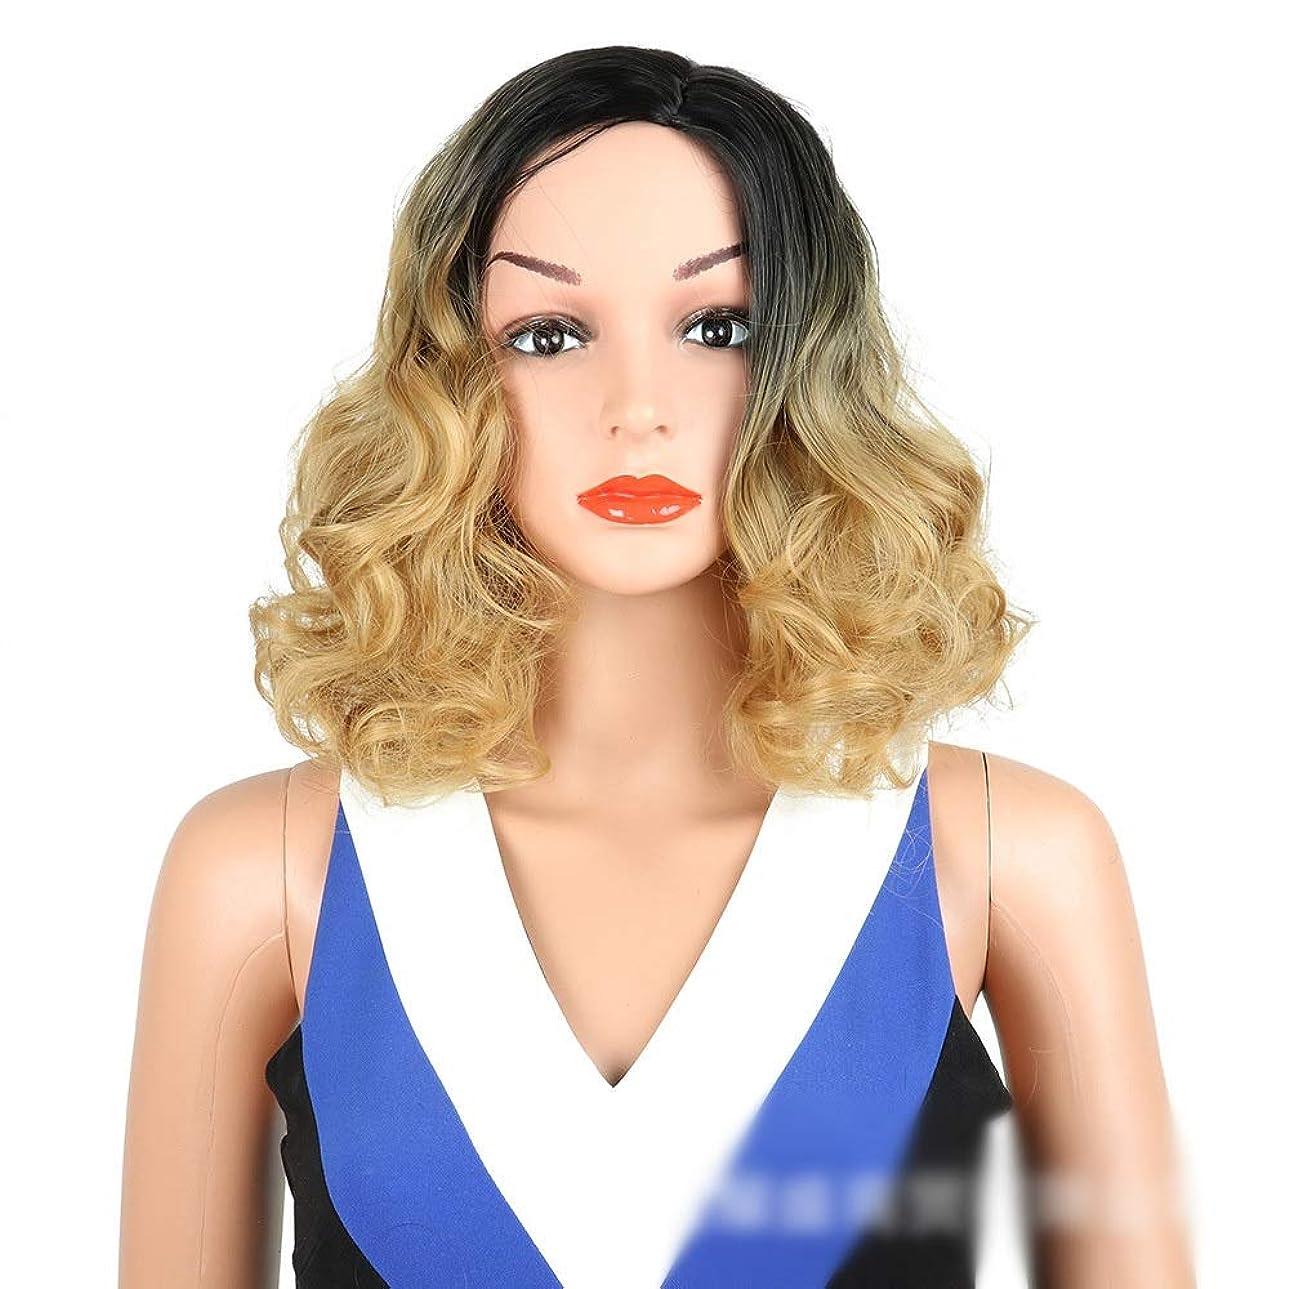 歯科のフルーツ野菜レンドMayalina 自然な見た目のオンブルブロンドのかつら黒は長い巻き毛の機械で作られた合成かつら女性のためのかつら (色 : Blonde)